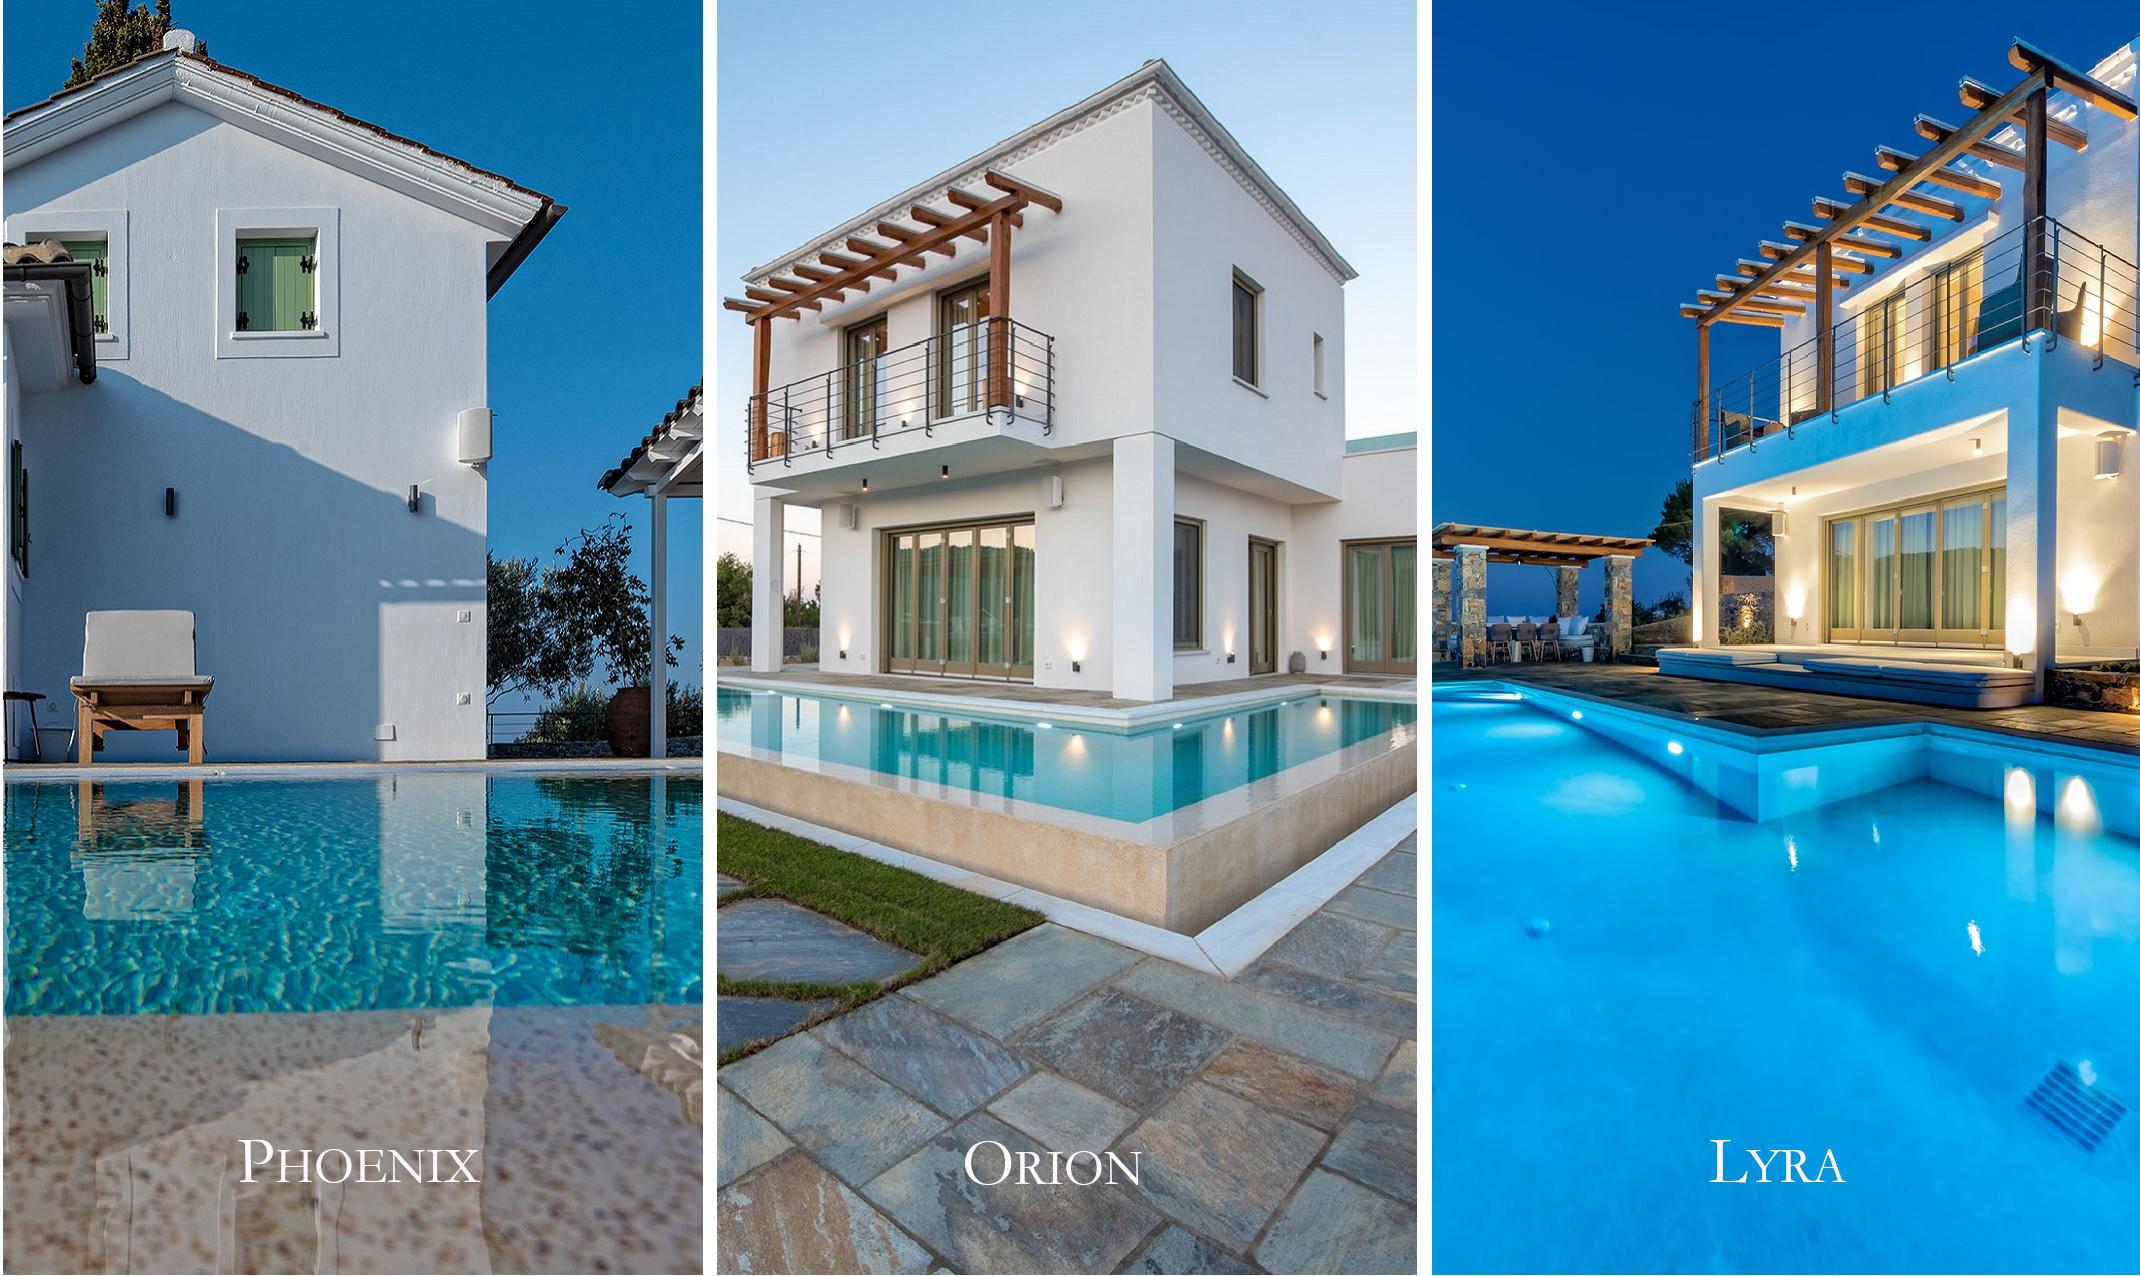 Stargaze Villas Complex consists of 3 autonomous Villas with Private Pool